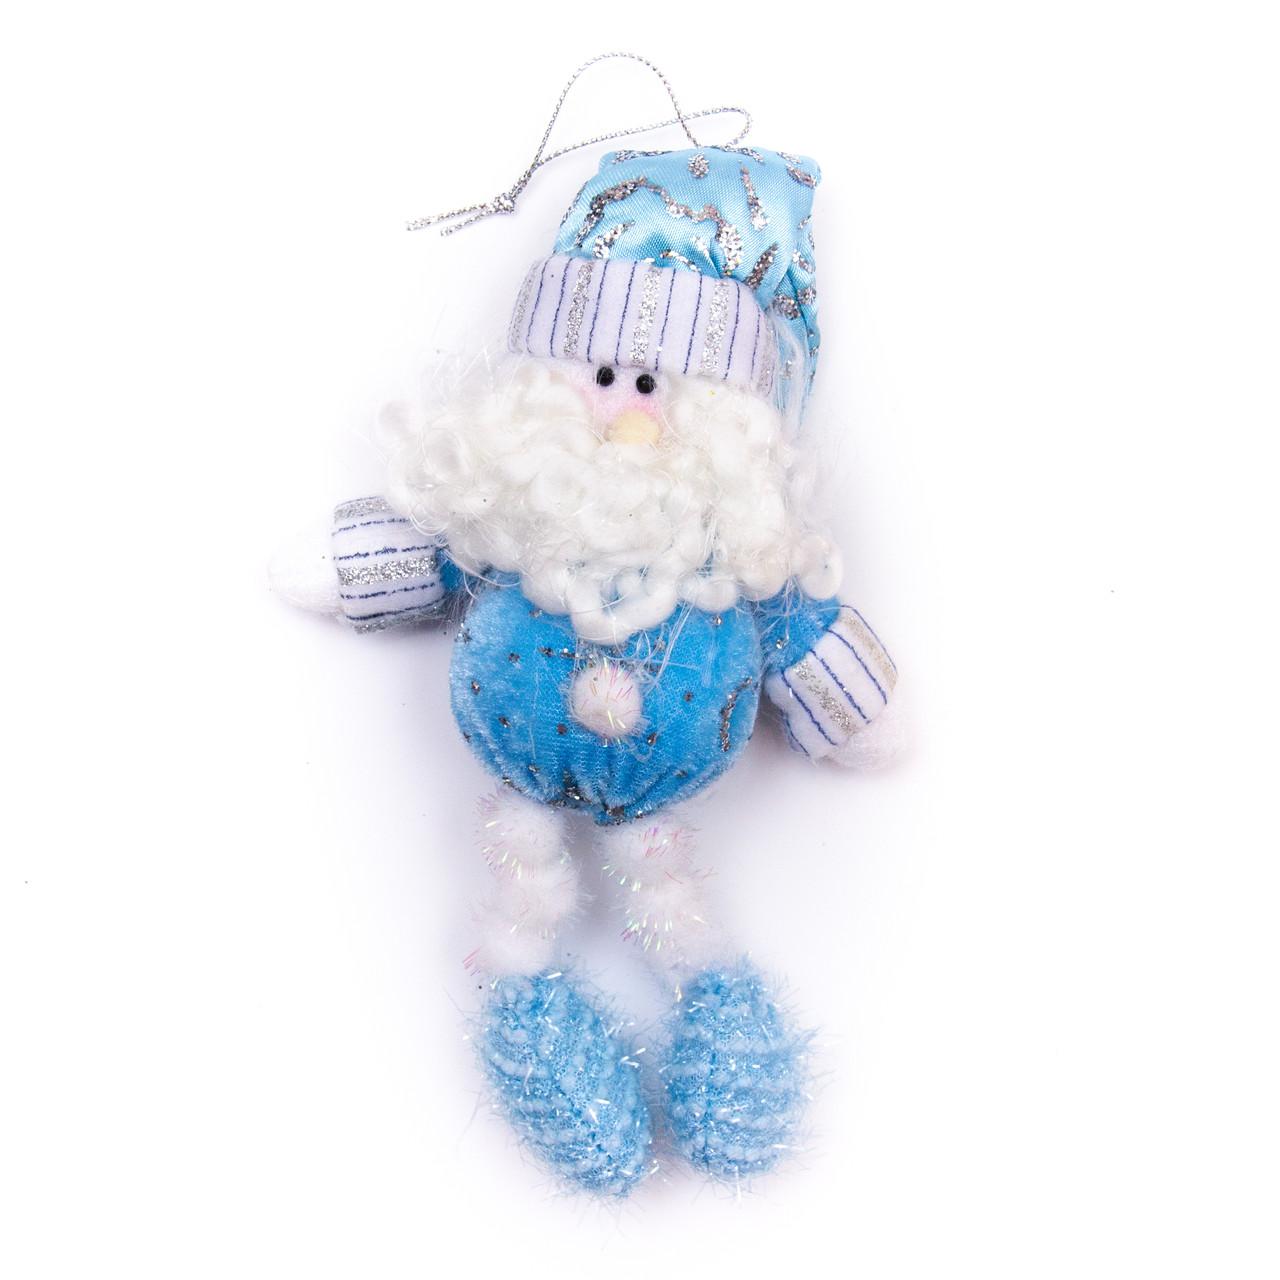 Мягкая игрушка сувенирная Дед Мороз, 15 см (180028-1)